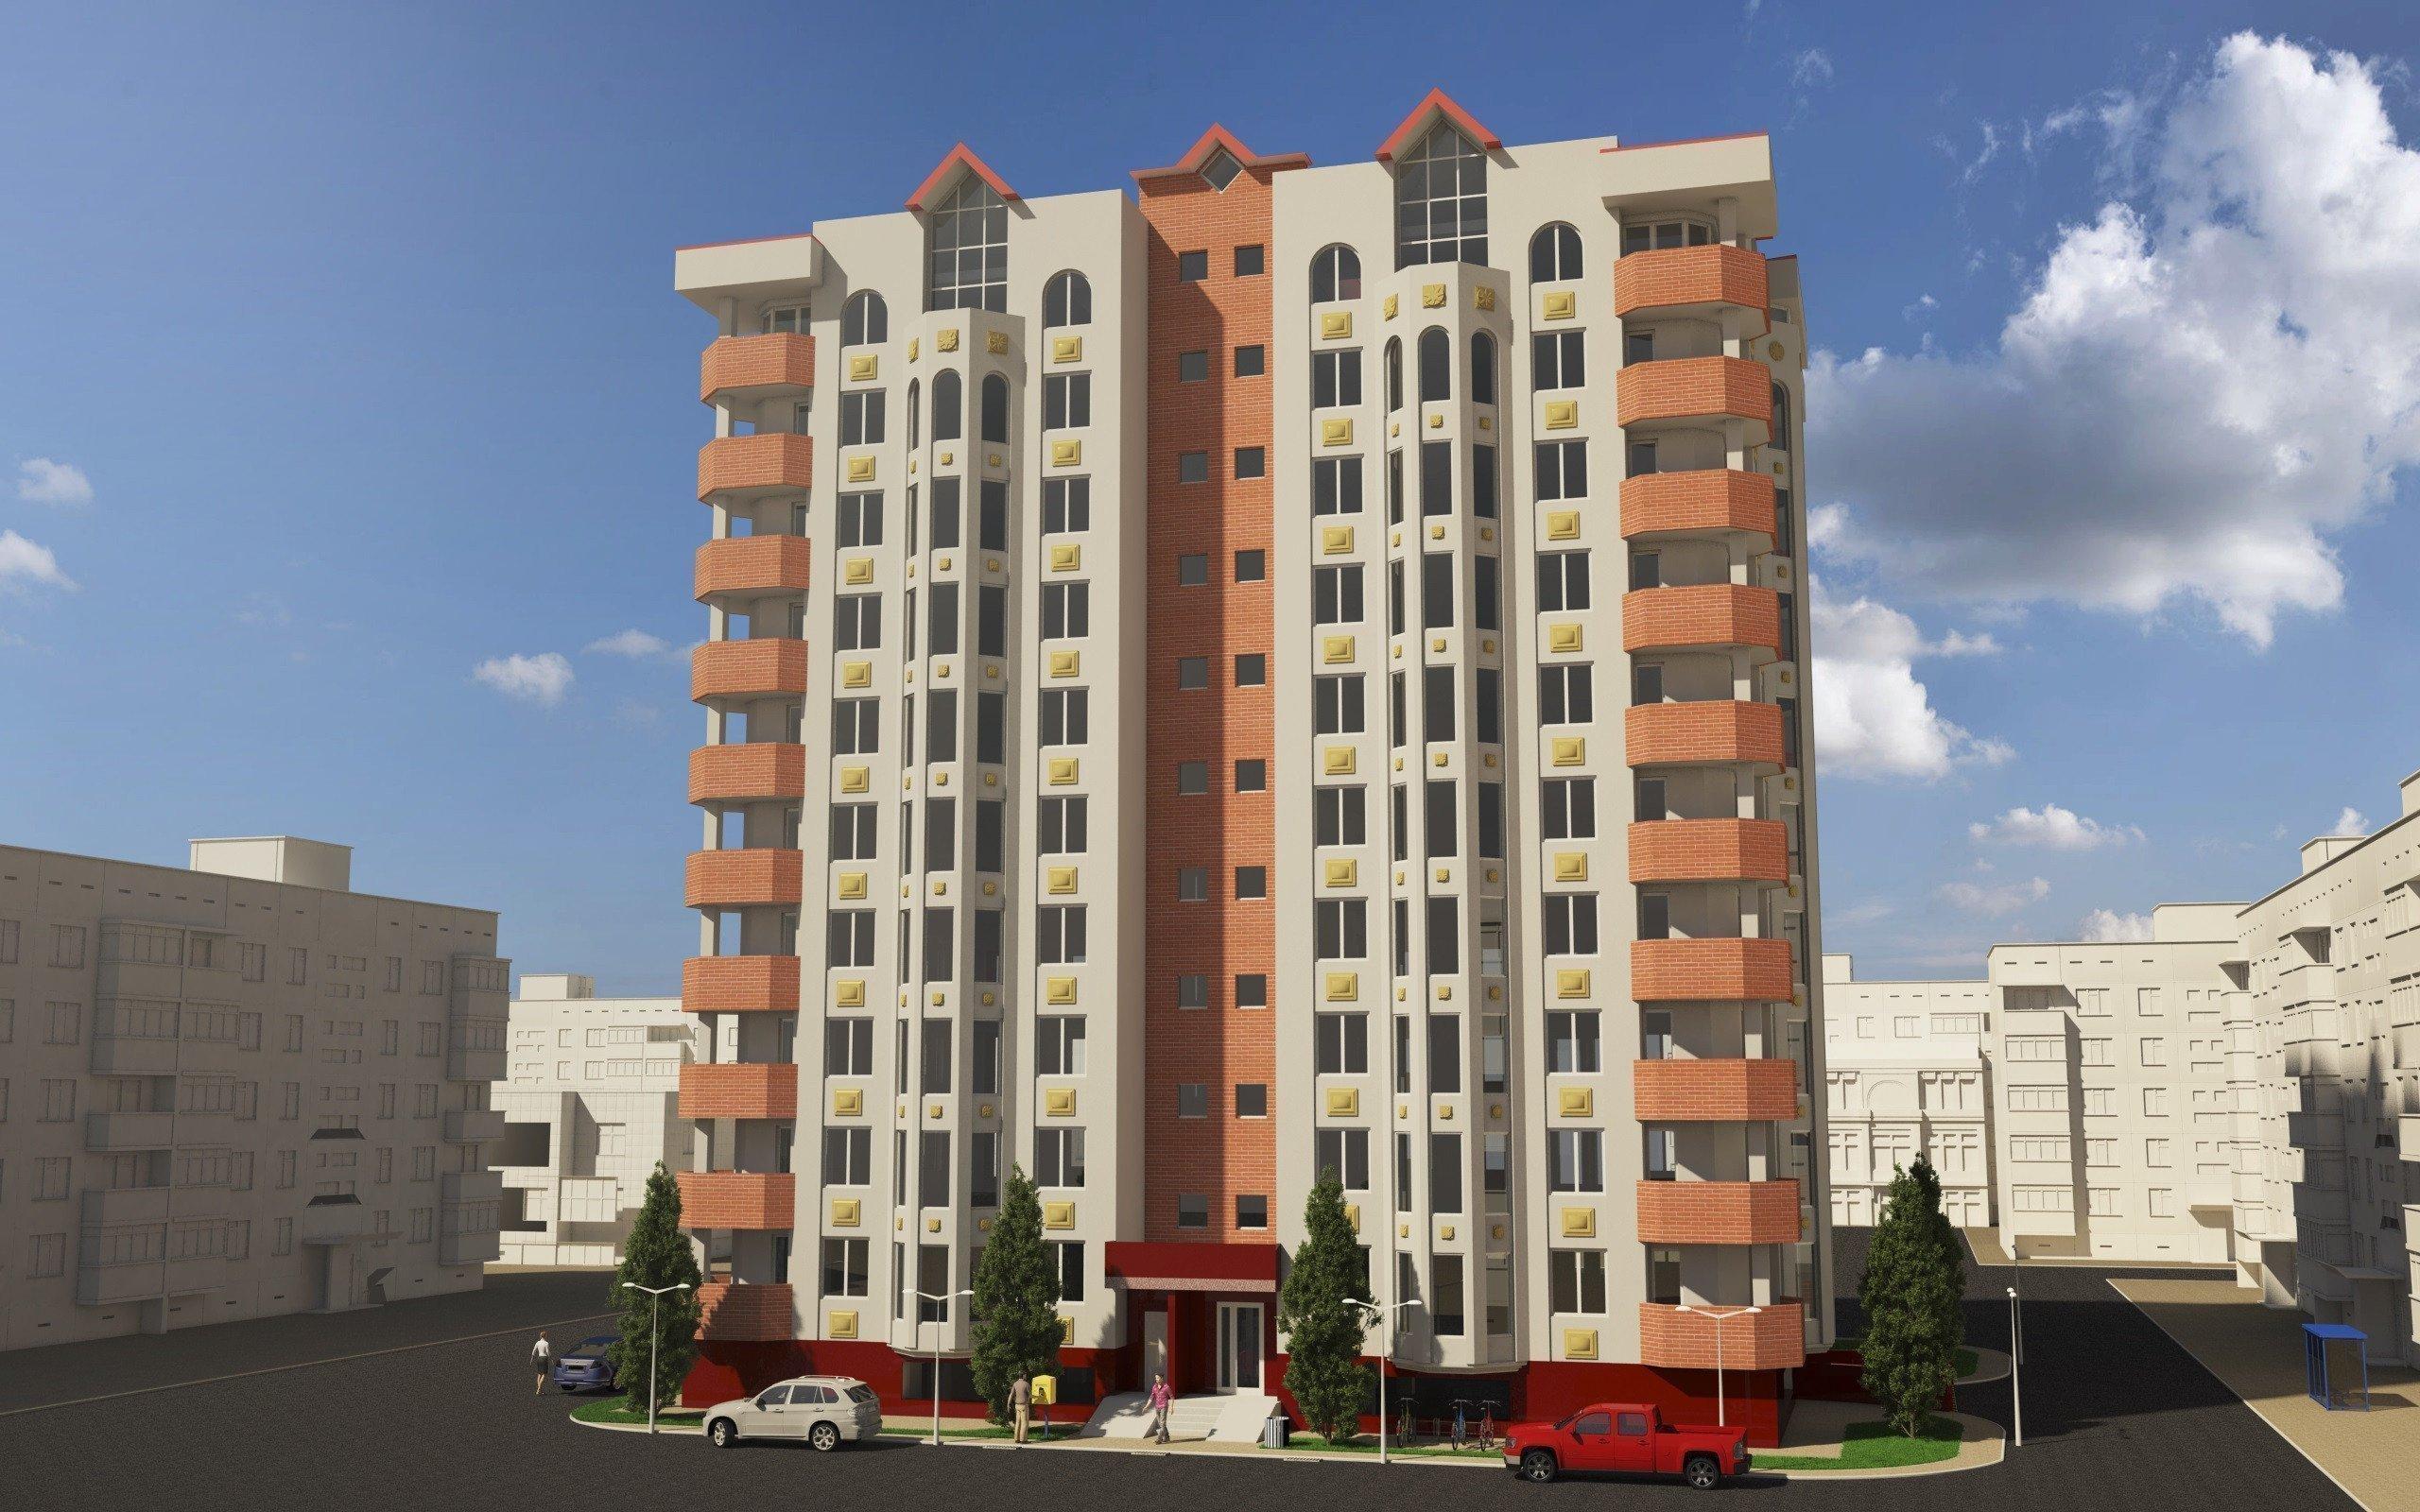 Photo: Sale apartments in Kherson. Announcement № 5144